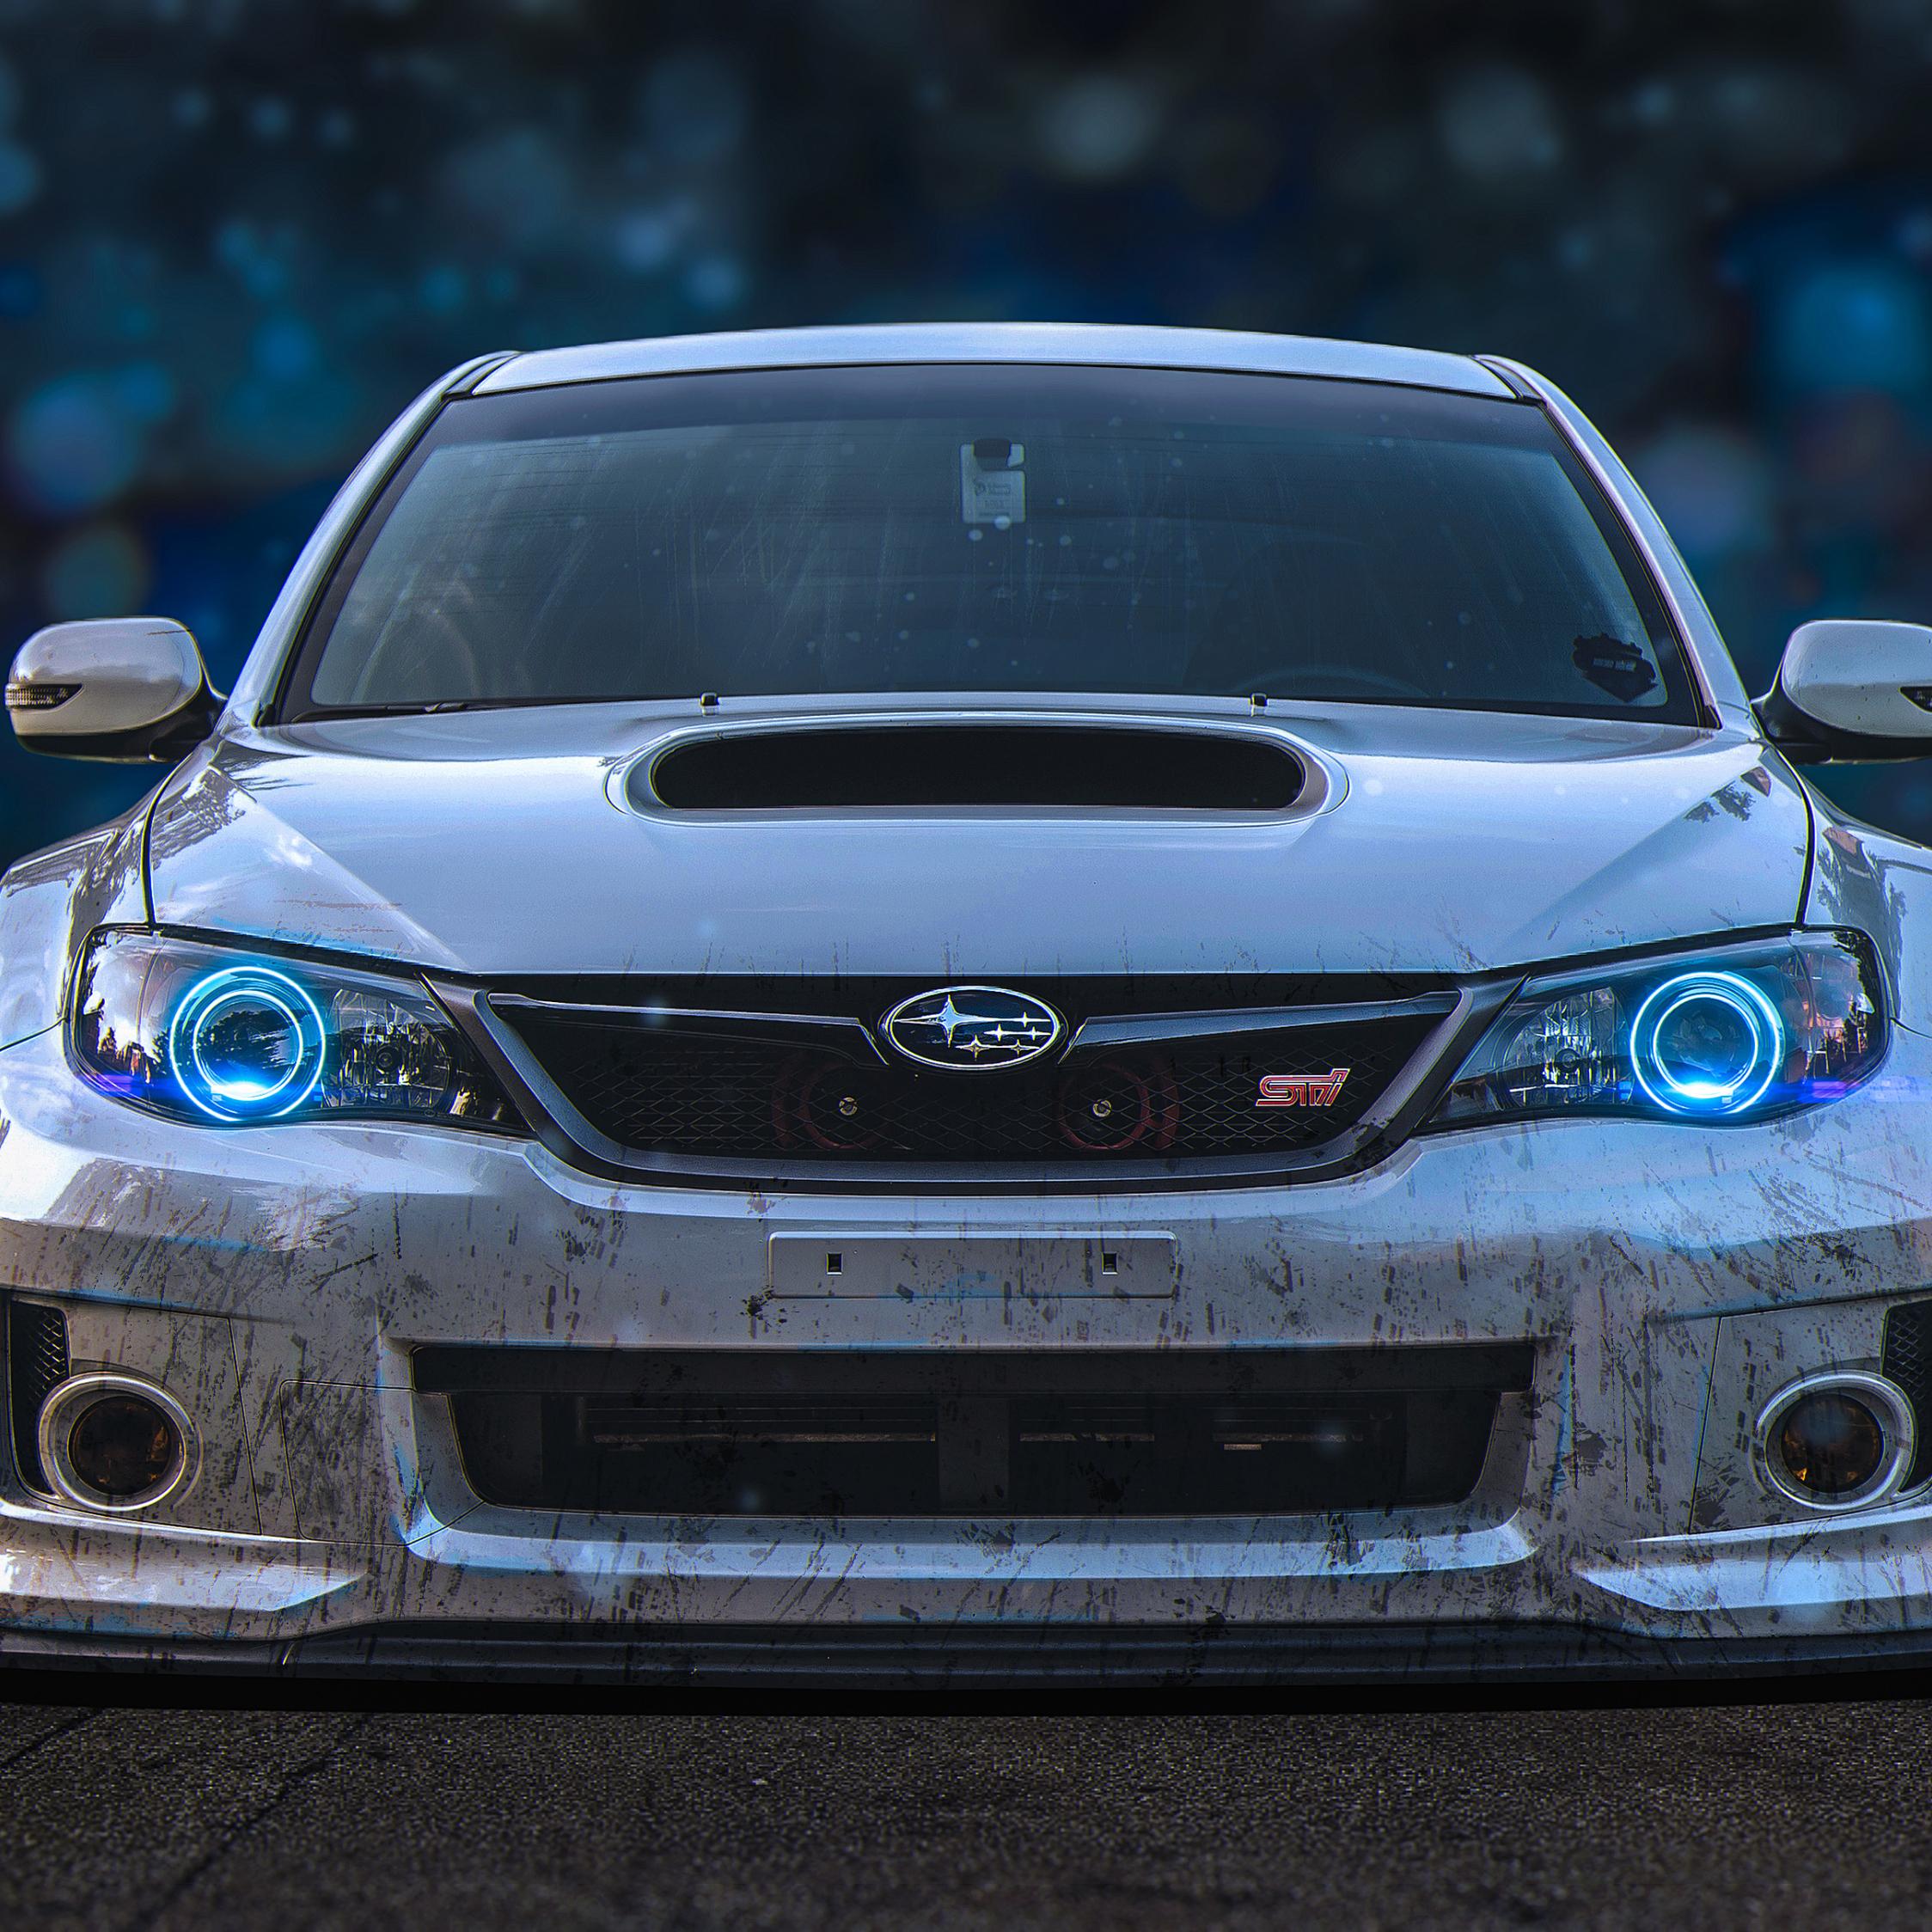 Subaru Car Wallpaper: Subaru, HD 4K Wallpaper